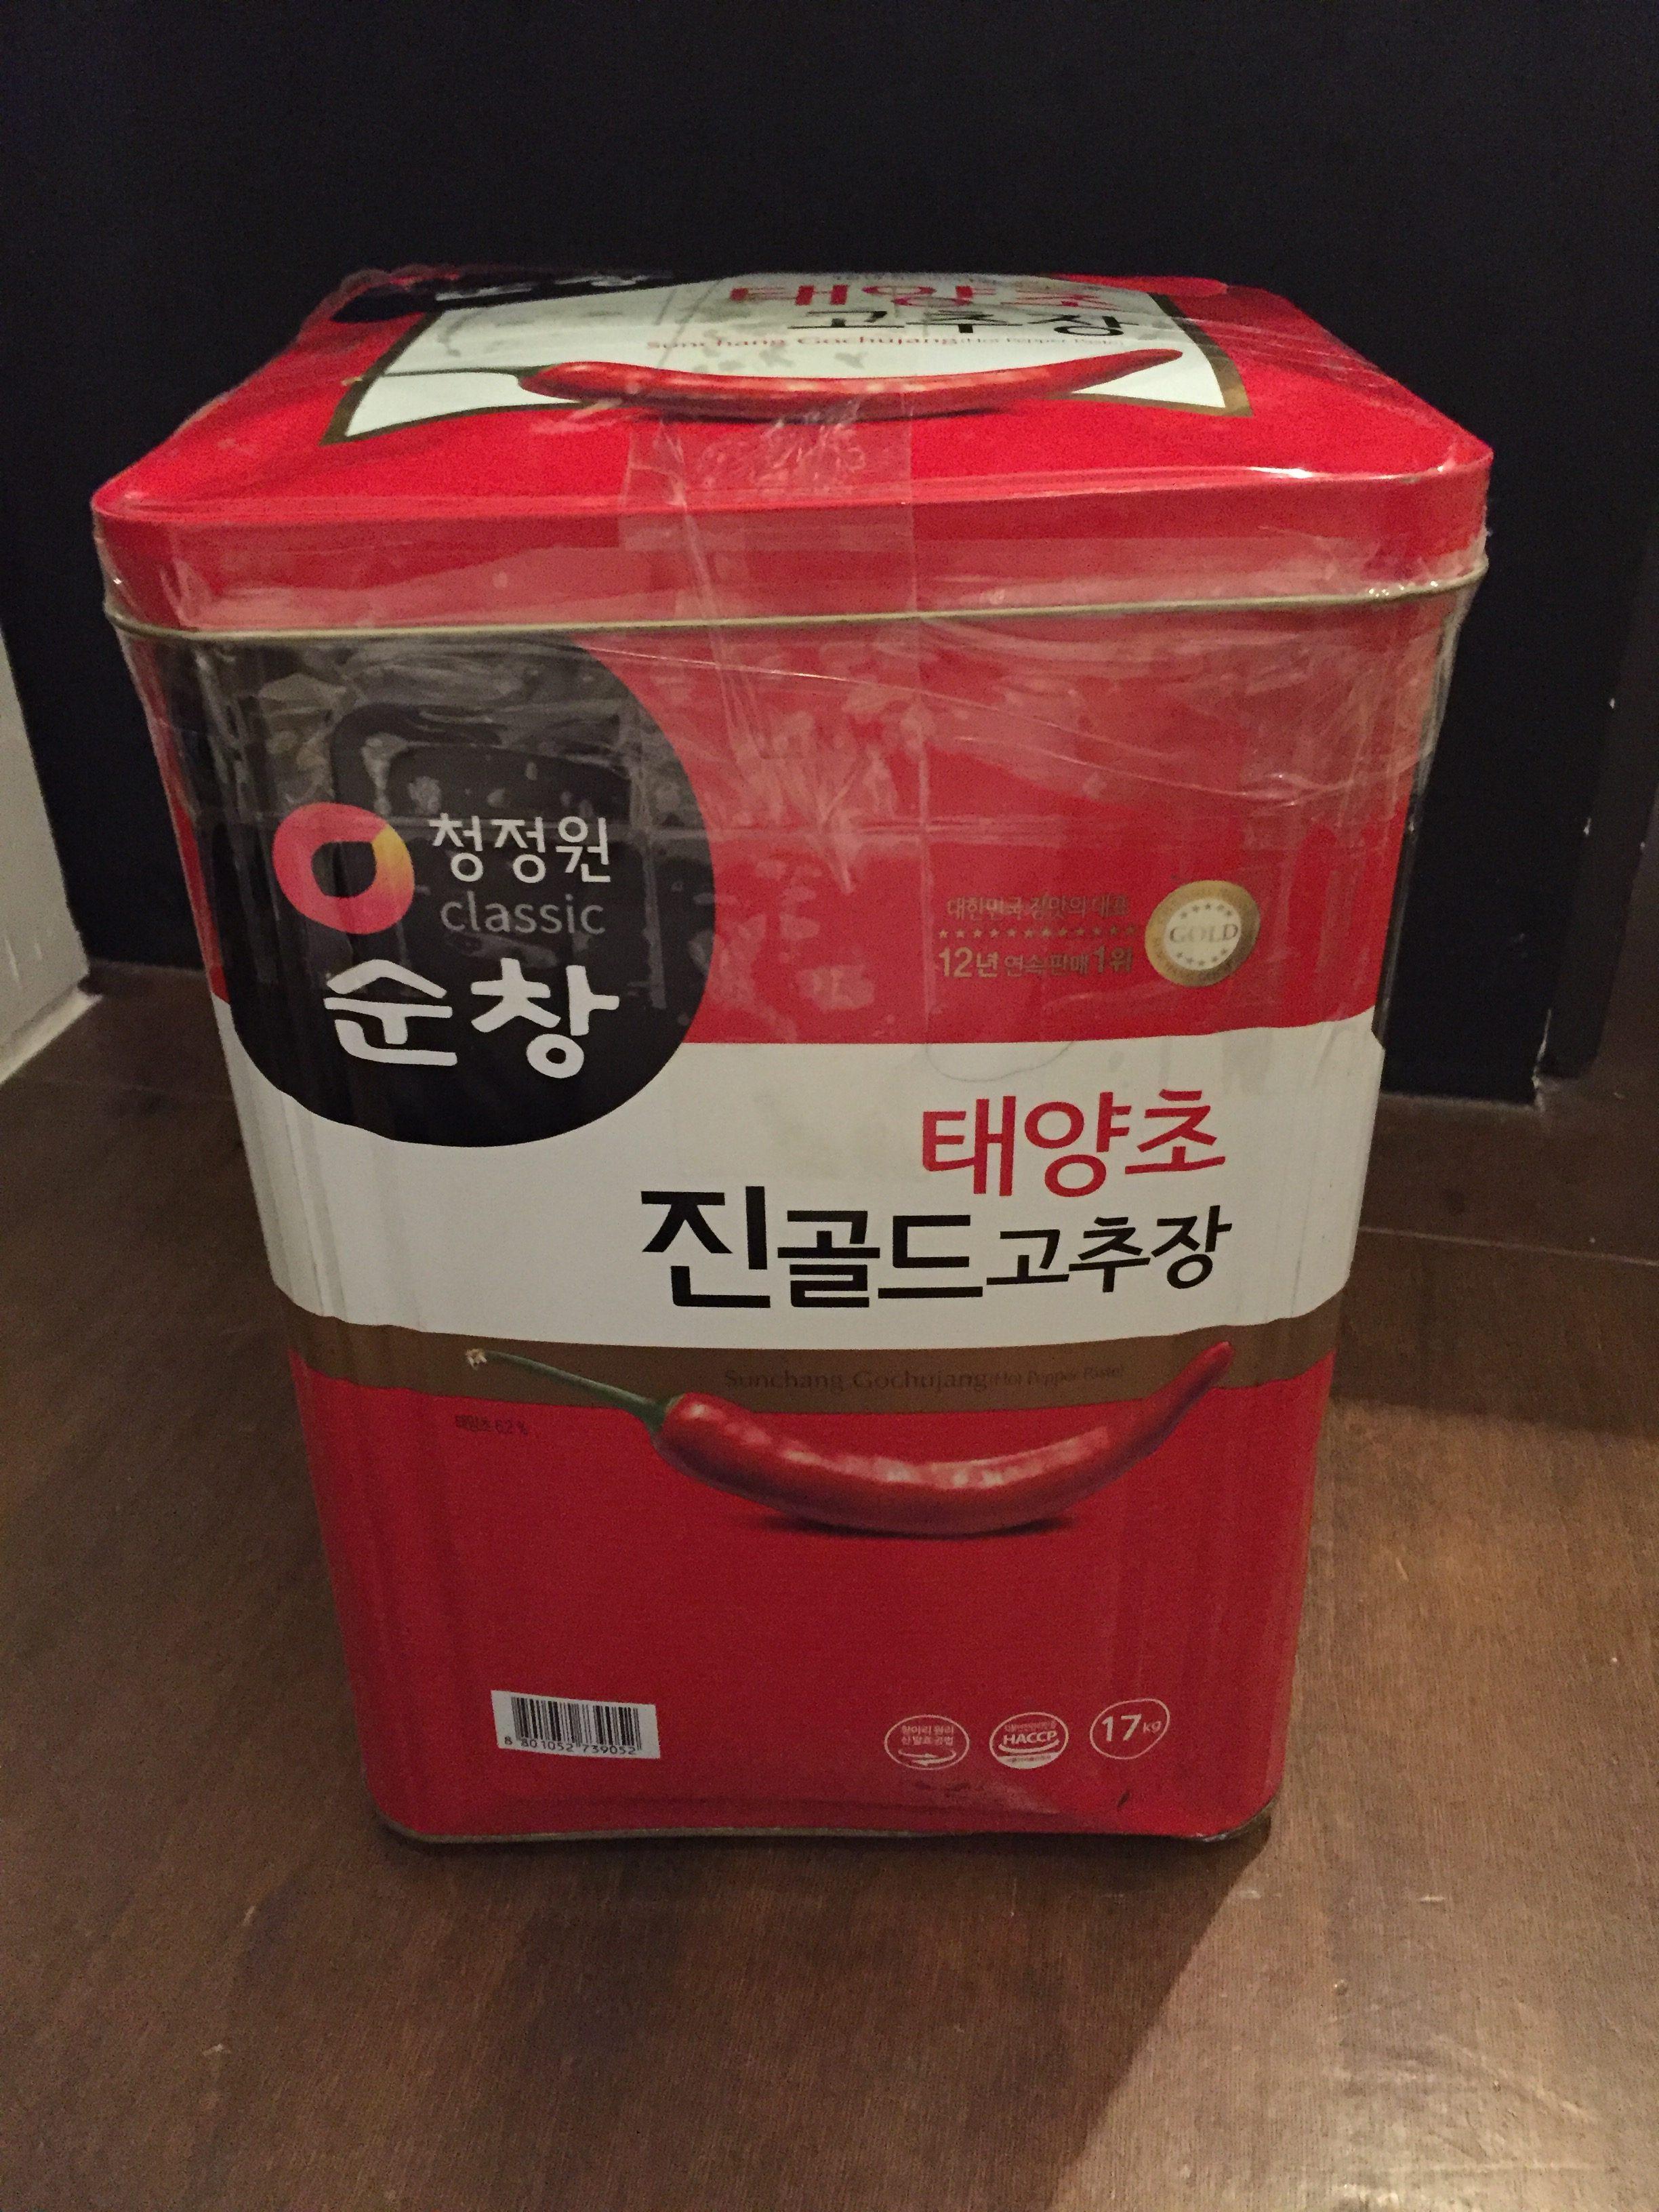 ソウルから韓国コスメとキムチが到着した!